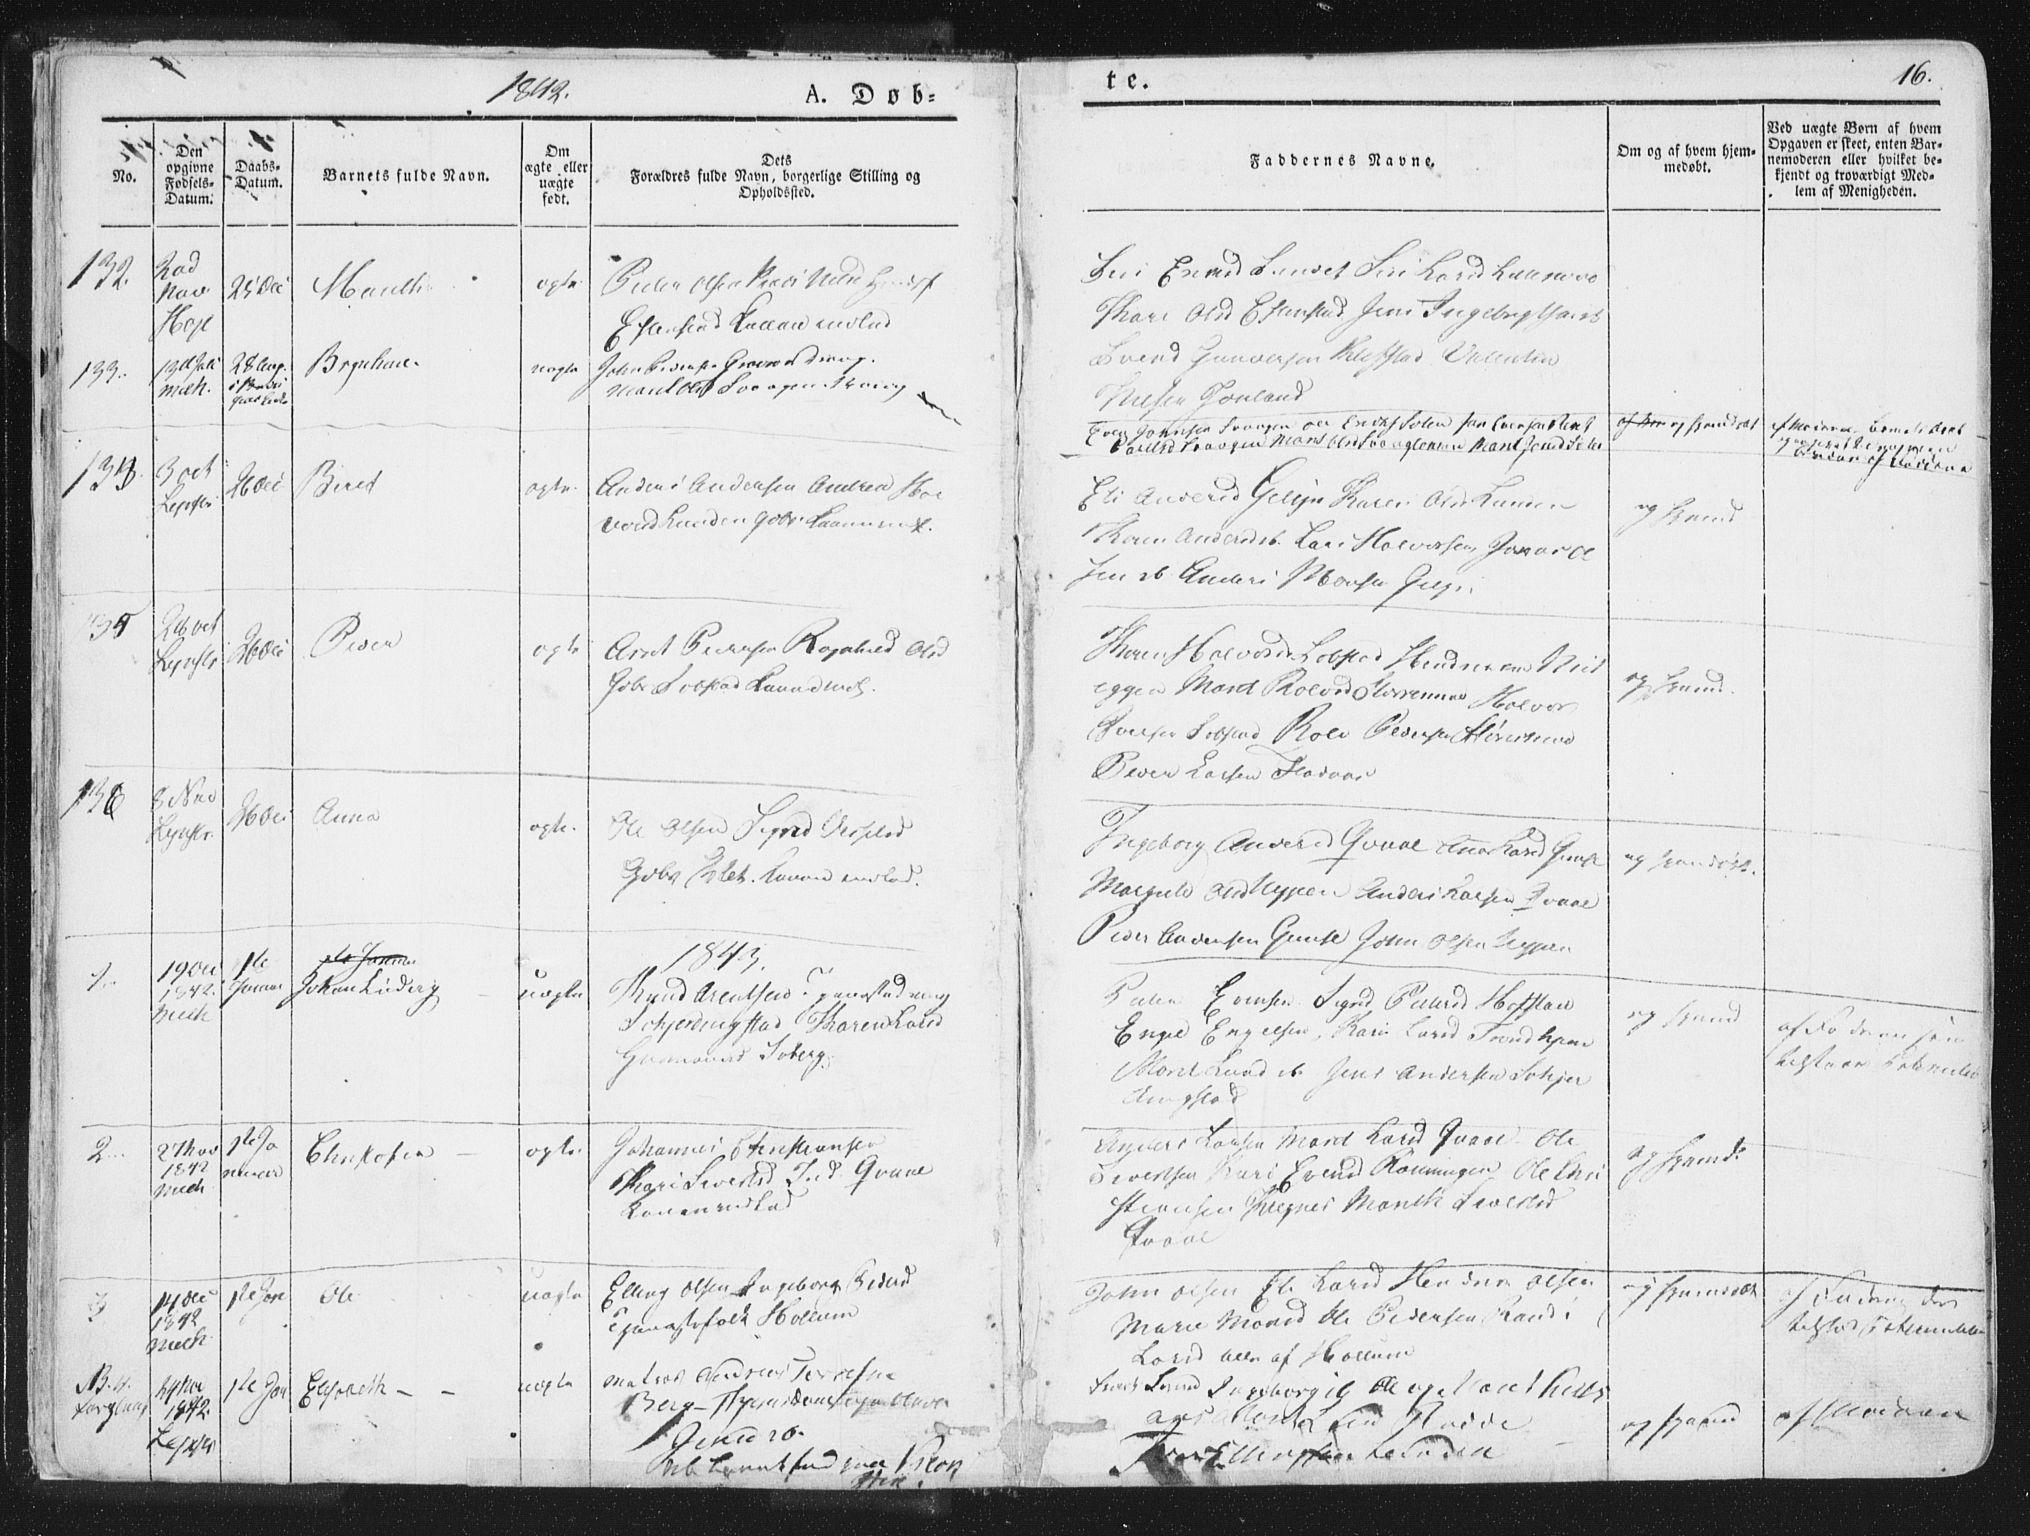 SAT, Ministerialprotokoller, klokkerbøker og fødselsregistre - Sør-Trøndelag, 691/L1074: Ministerialbok nr. 691A06, 1842-1852, s. 16